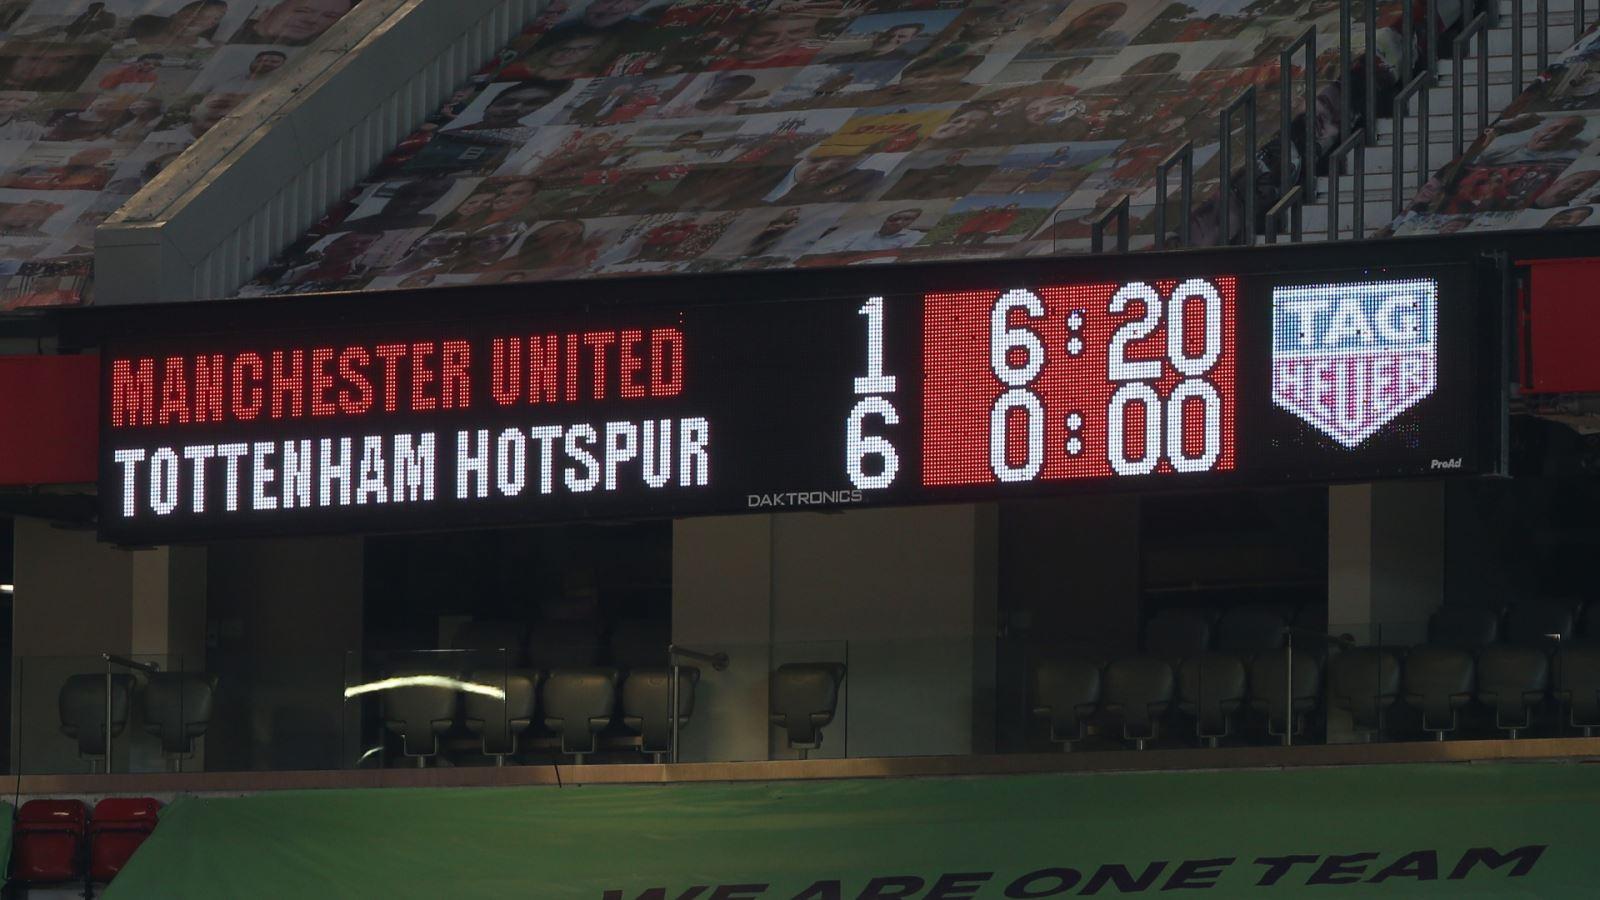 Tottenham vs MU, tottenham, mu, manchester united, trực tiếp bóng đá, bóng đá, lịch thi đấu, solskjaer, mourinho